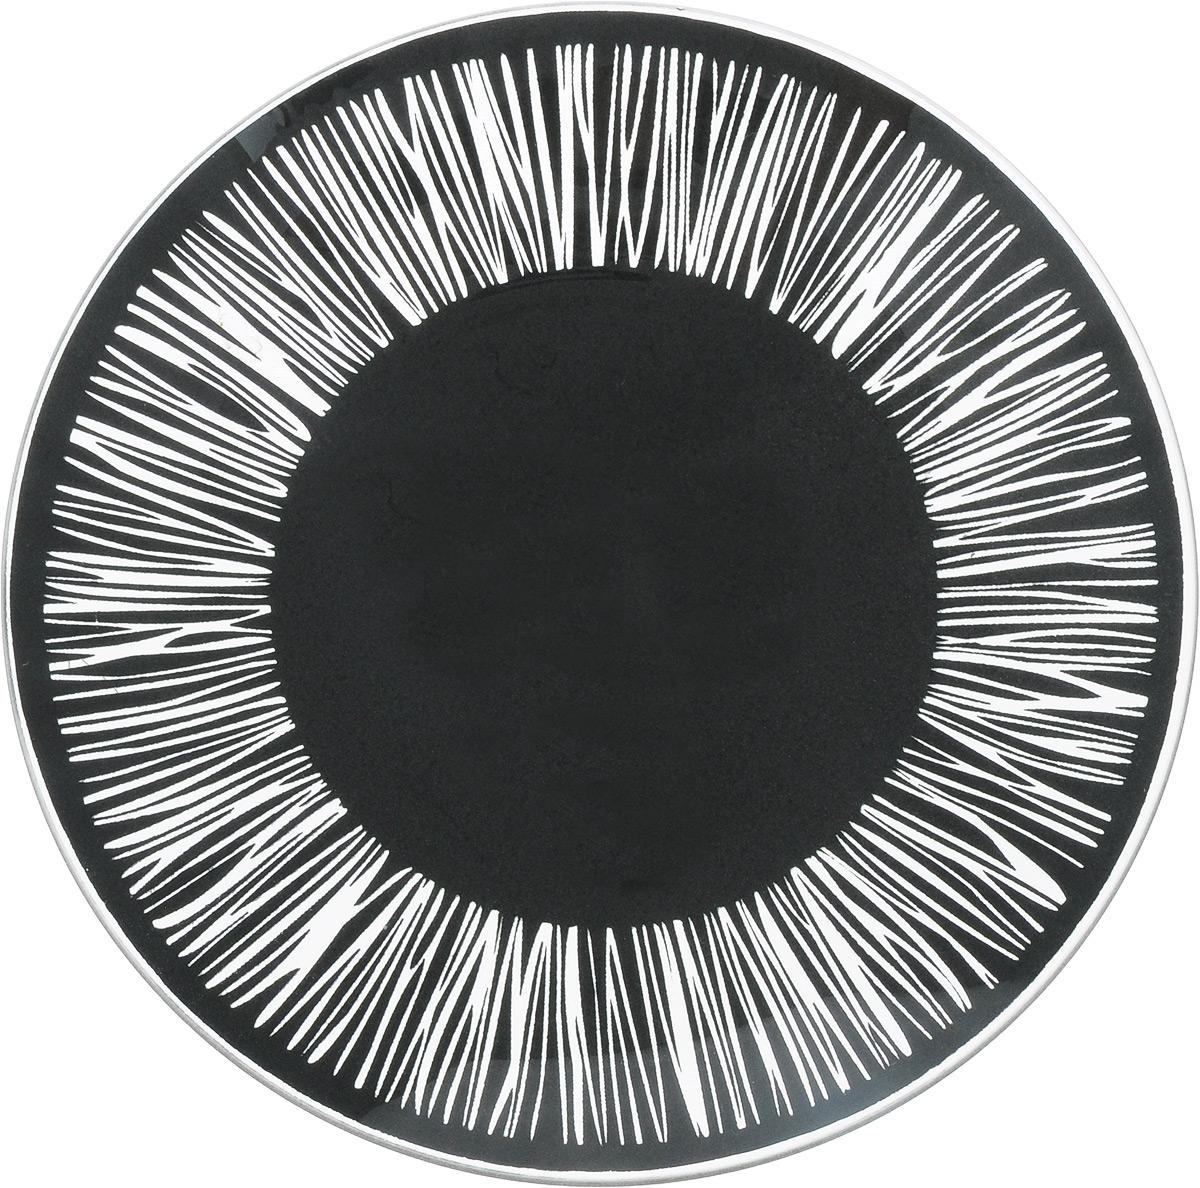 Тарелка NiNaGlass Витас, цвет: черный, диаметр 20 см54 009312Тарелка NiNaGlass Витас изготовлена из высококачественного стекла. Изделие декорировано оригинальным дизайном. Такая тарелка отлично подойдет в качестве блюда, она идеальна для сервировки закусок, нарезок, горячих блюд. Тарелка прекрасно дополнит сервировку стола и порадует вас оригинальным дизайном. Диаметр тарелки: 20 см. Высота тарелки: 2,5 см.